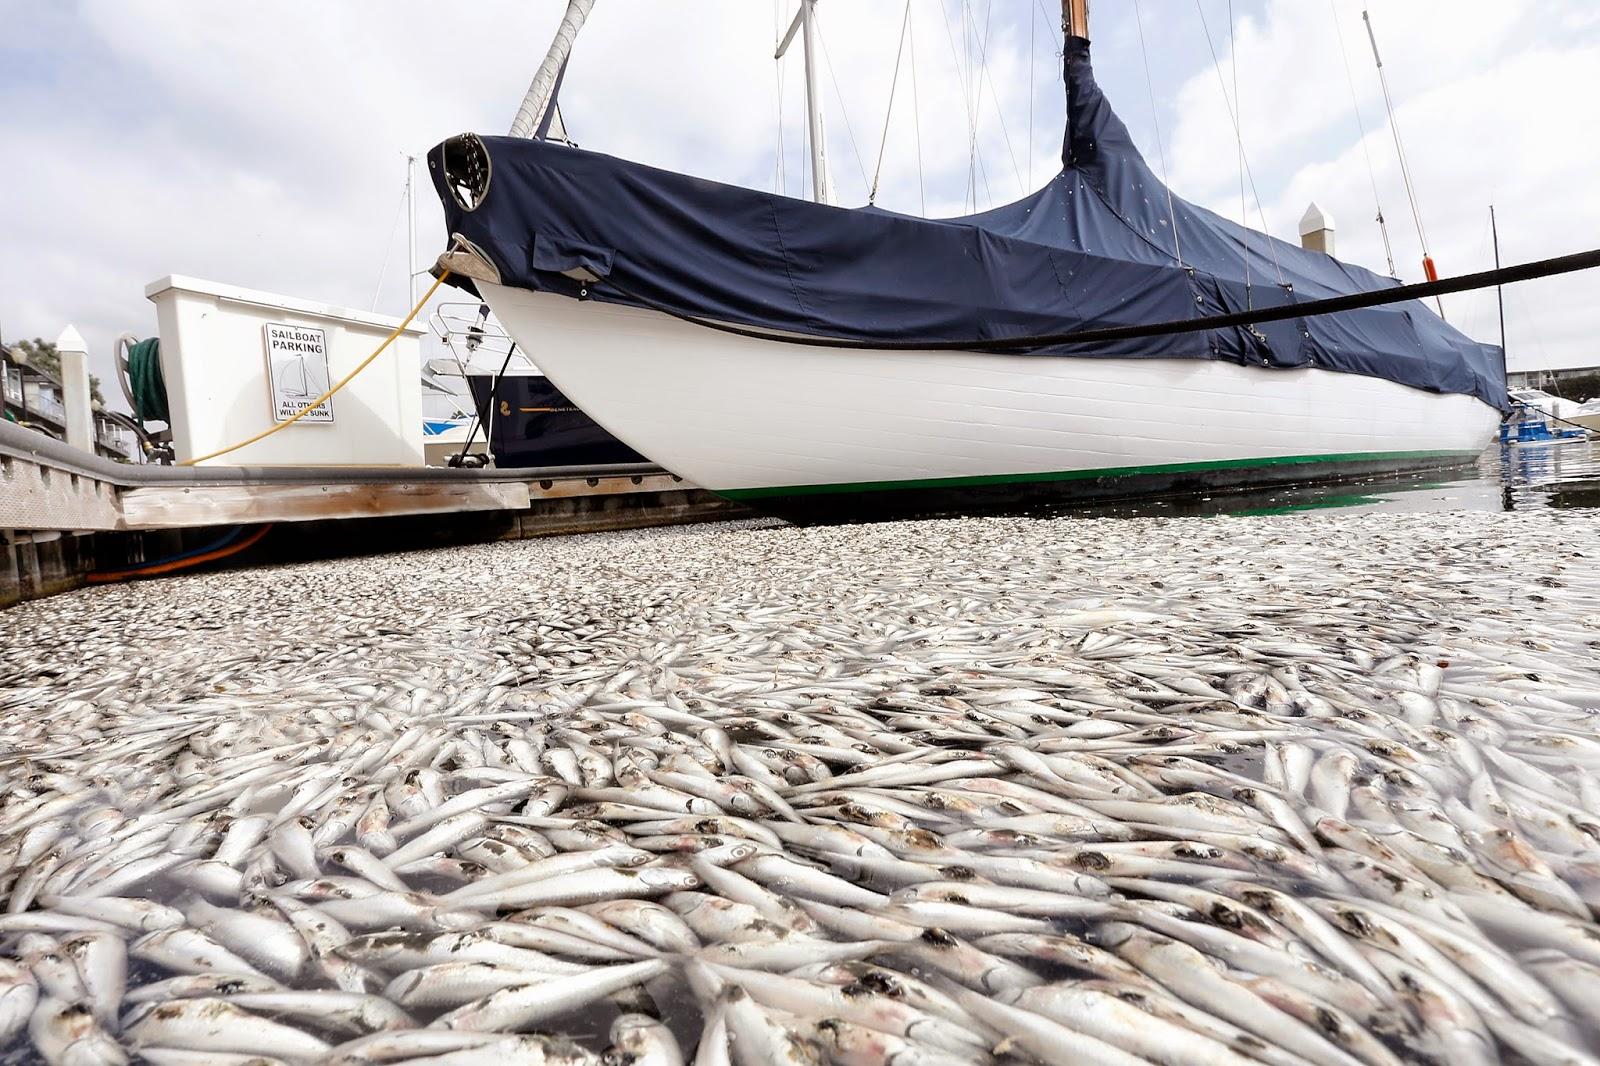 L a t i t u d e thousands of fish dead in marina del rey for Marina del rey fishing